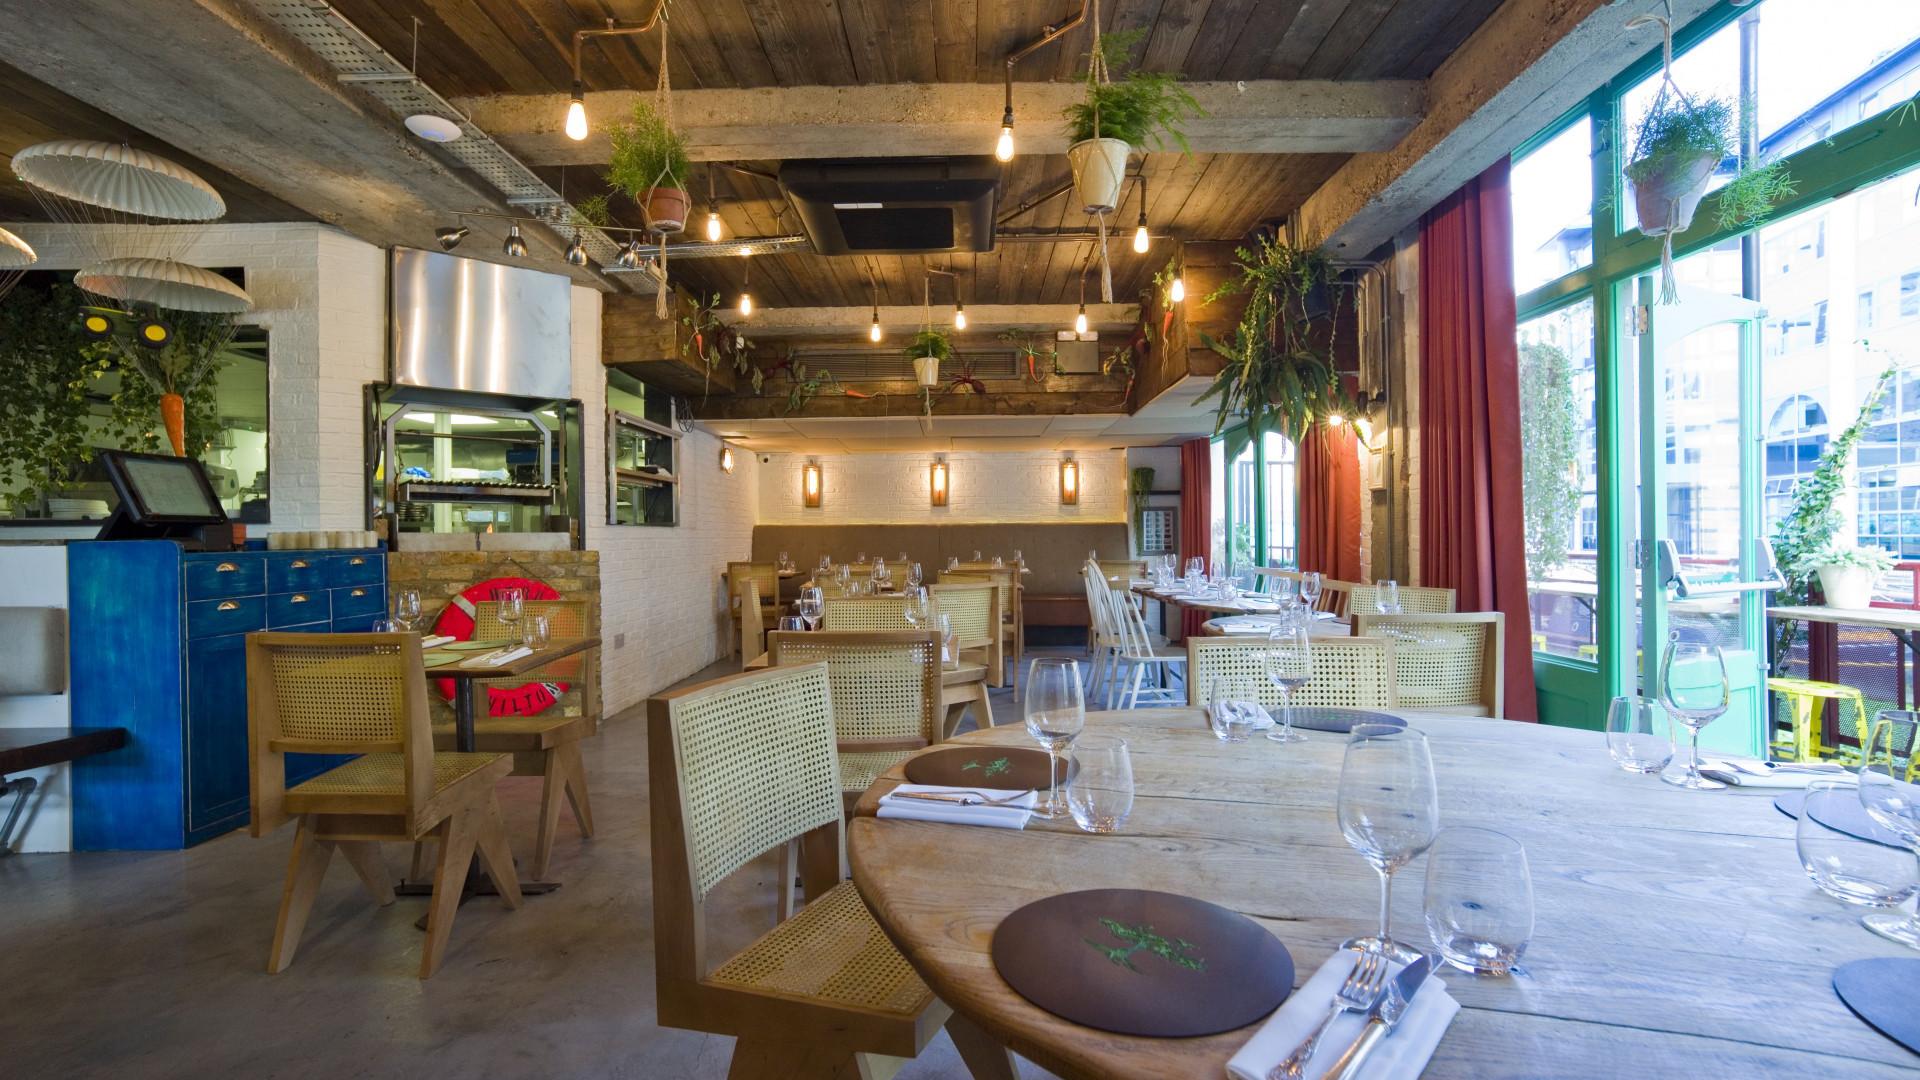 The restaurant in Battersea